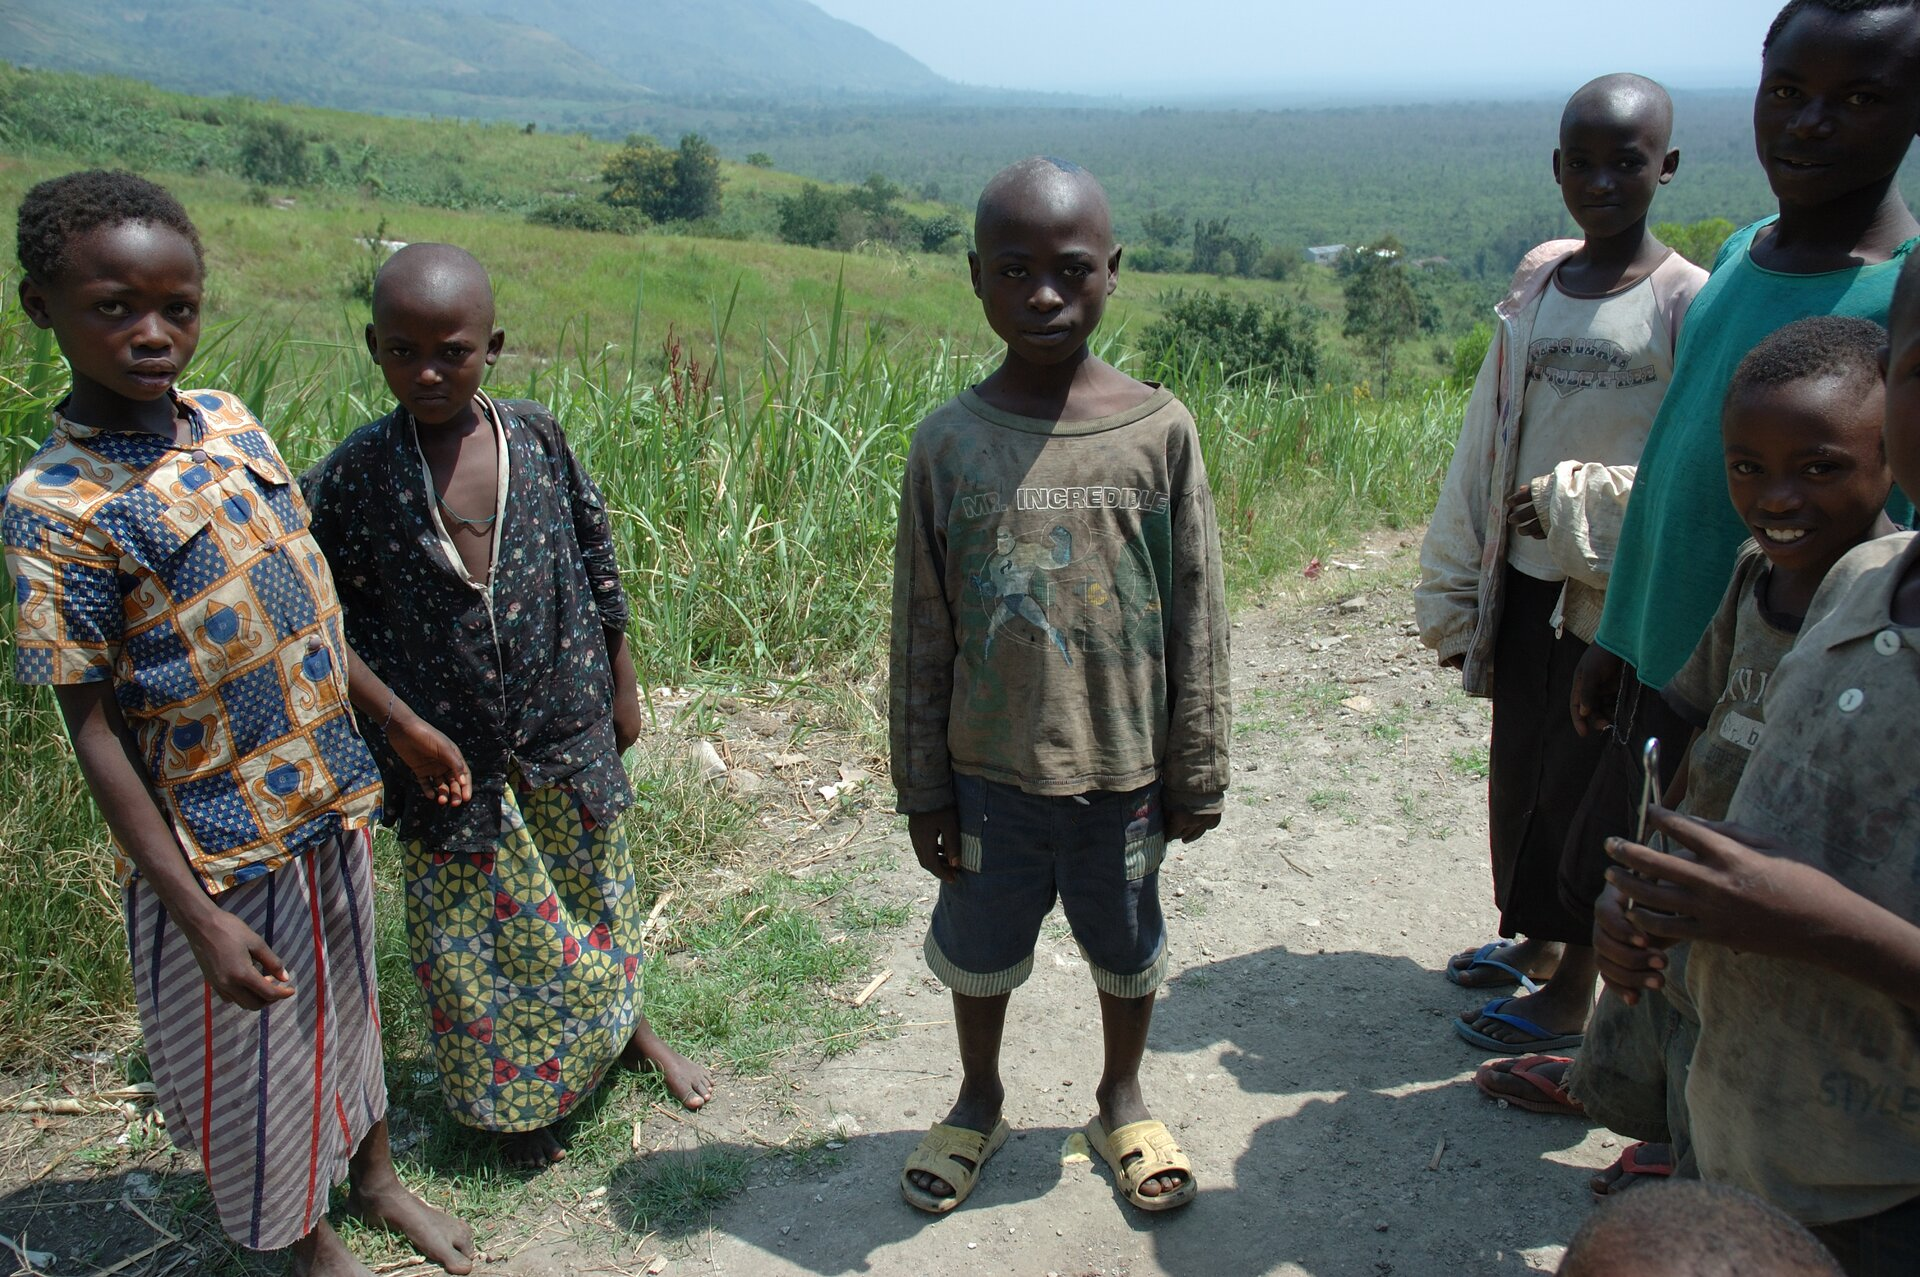 WRwandzie żyją przede wszystkim dwie grupy społeczne - Hutu (na zdjęciu) iTutsi. Każda ztych grup tradycyjnie pełniła odrębne funkcje gospodarcze - Hutu byli rolnikami, aTutsi - pasterzami. Kiedy Niemcy, apotem Belgowie ustanowili wtym regionie rządy kolonialne, oparli je na Tutsi jako pośrednikach - uważali ich za rasowo wyższych od Hutu ze względu na ich jaśniejszą skórę ibardziej europejski wygląd. Zarządzili, by każdy ztubylców miał przy sobie dowód osobisty zobowiązkowym przypisaniem do Hutu lub Tutsi, co wzmocniło tylko istniejące już wcześniej różnice iuprzedzenia etniczne. Już wniepodległej Rwandzie - w1994 roku - doszło do ludobójstwa Tutsi przez Hutu.